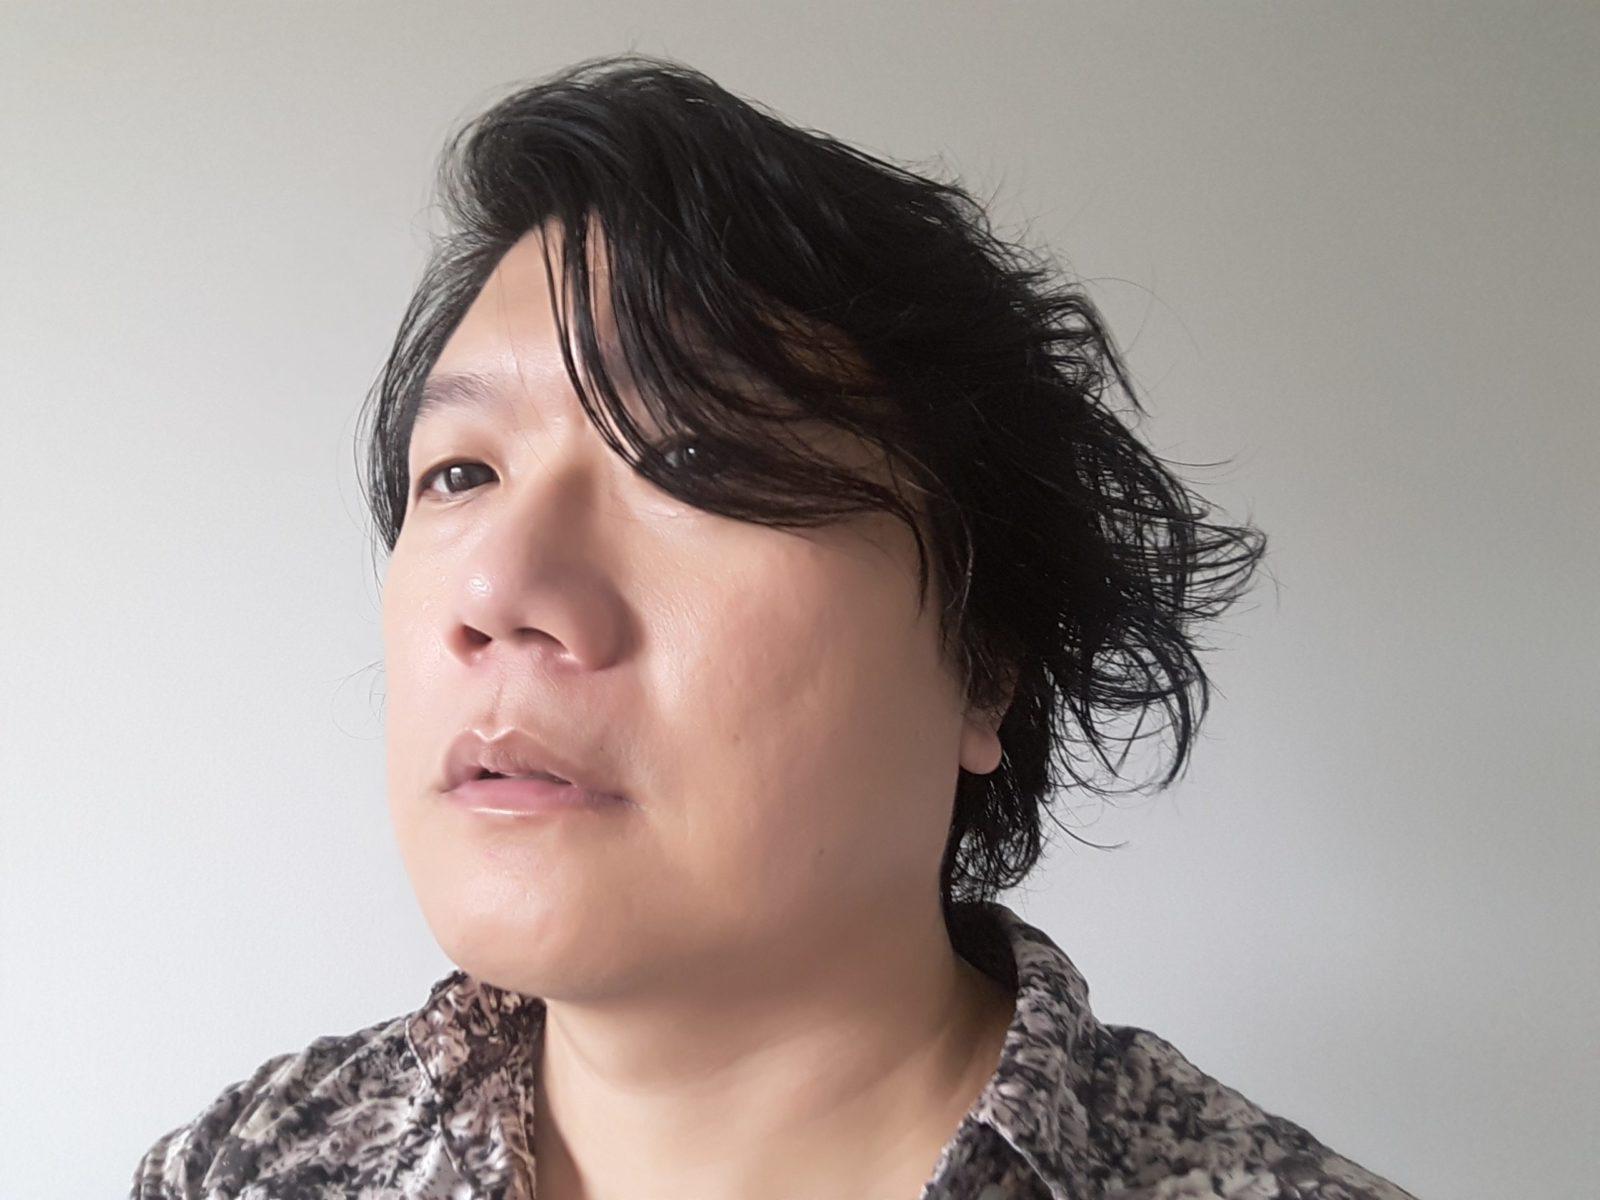 Jeremy Tiang no credit